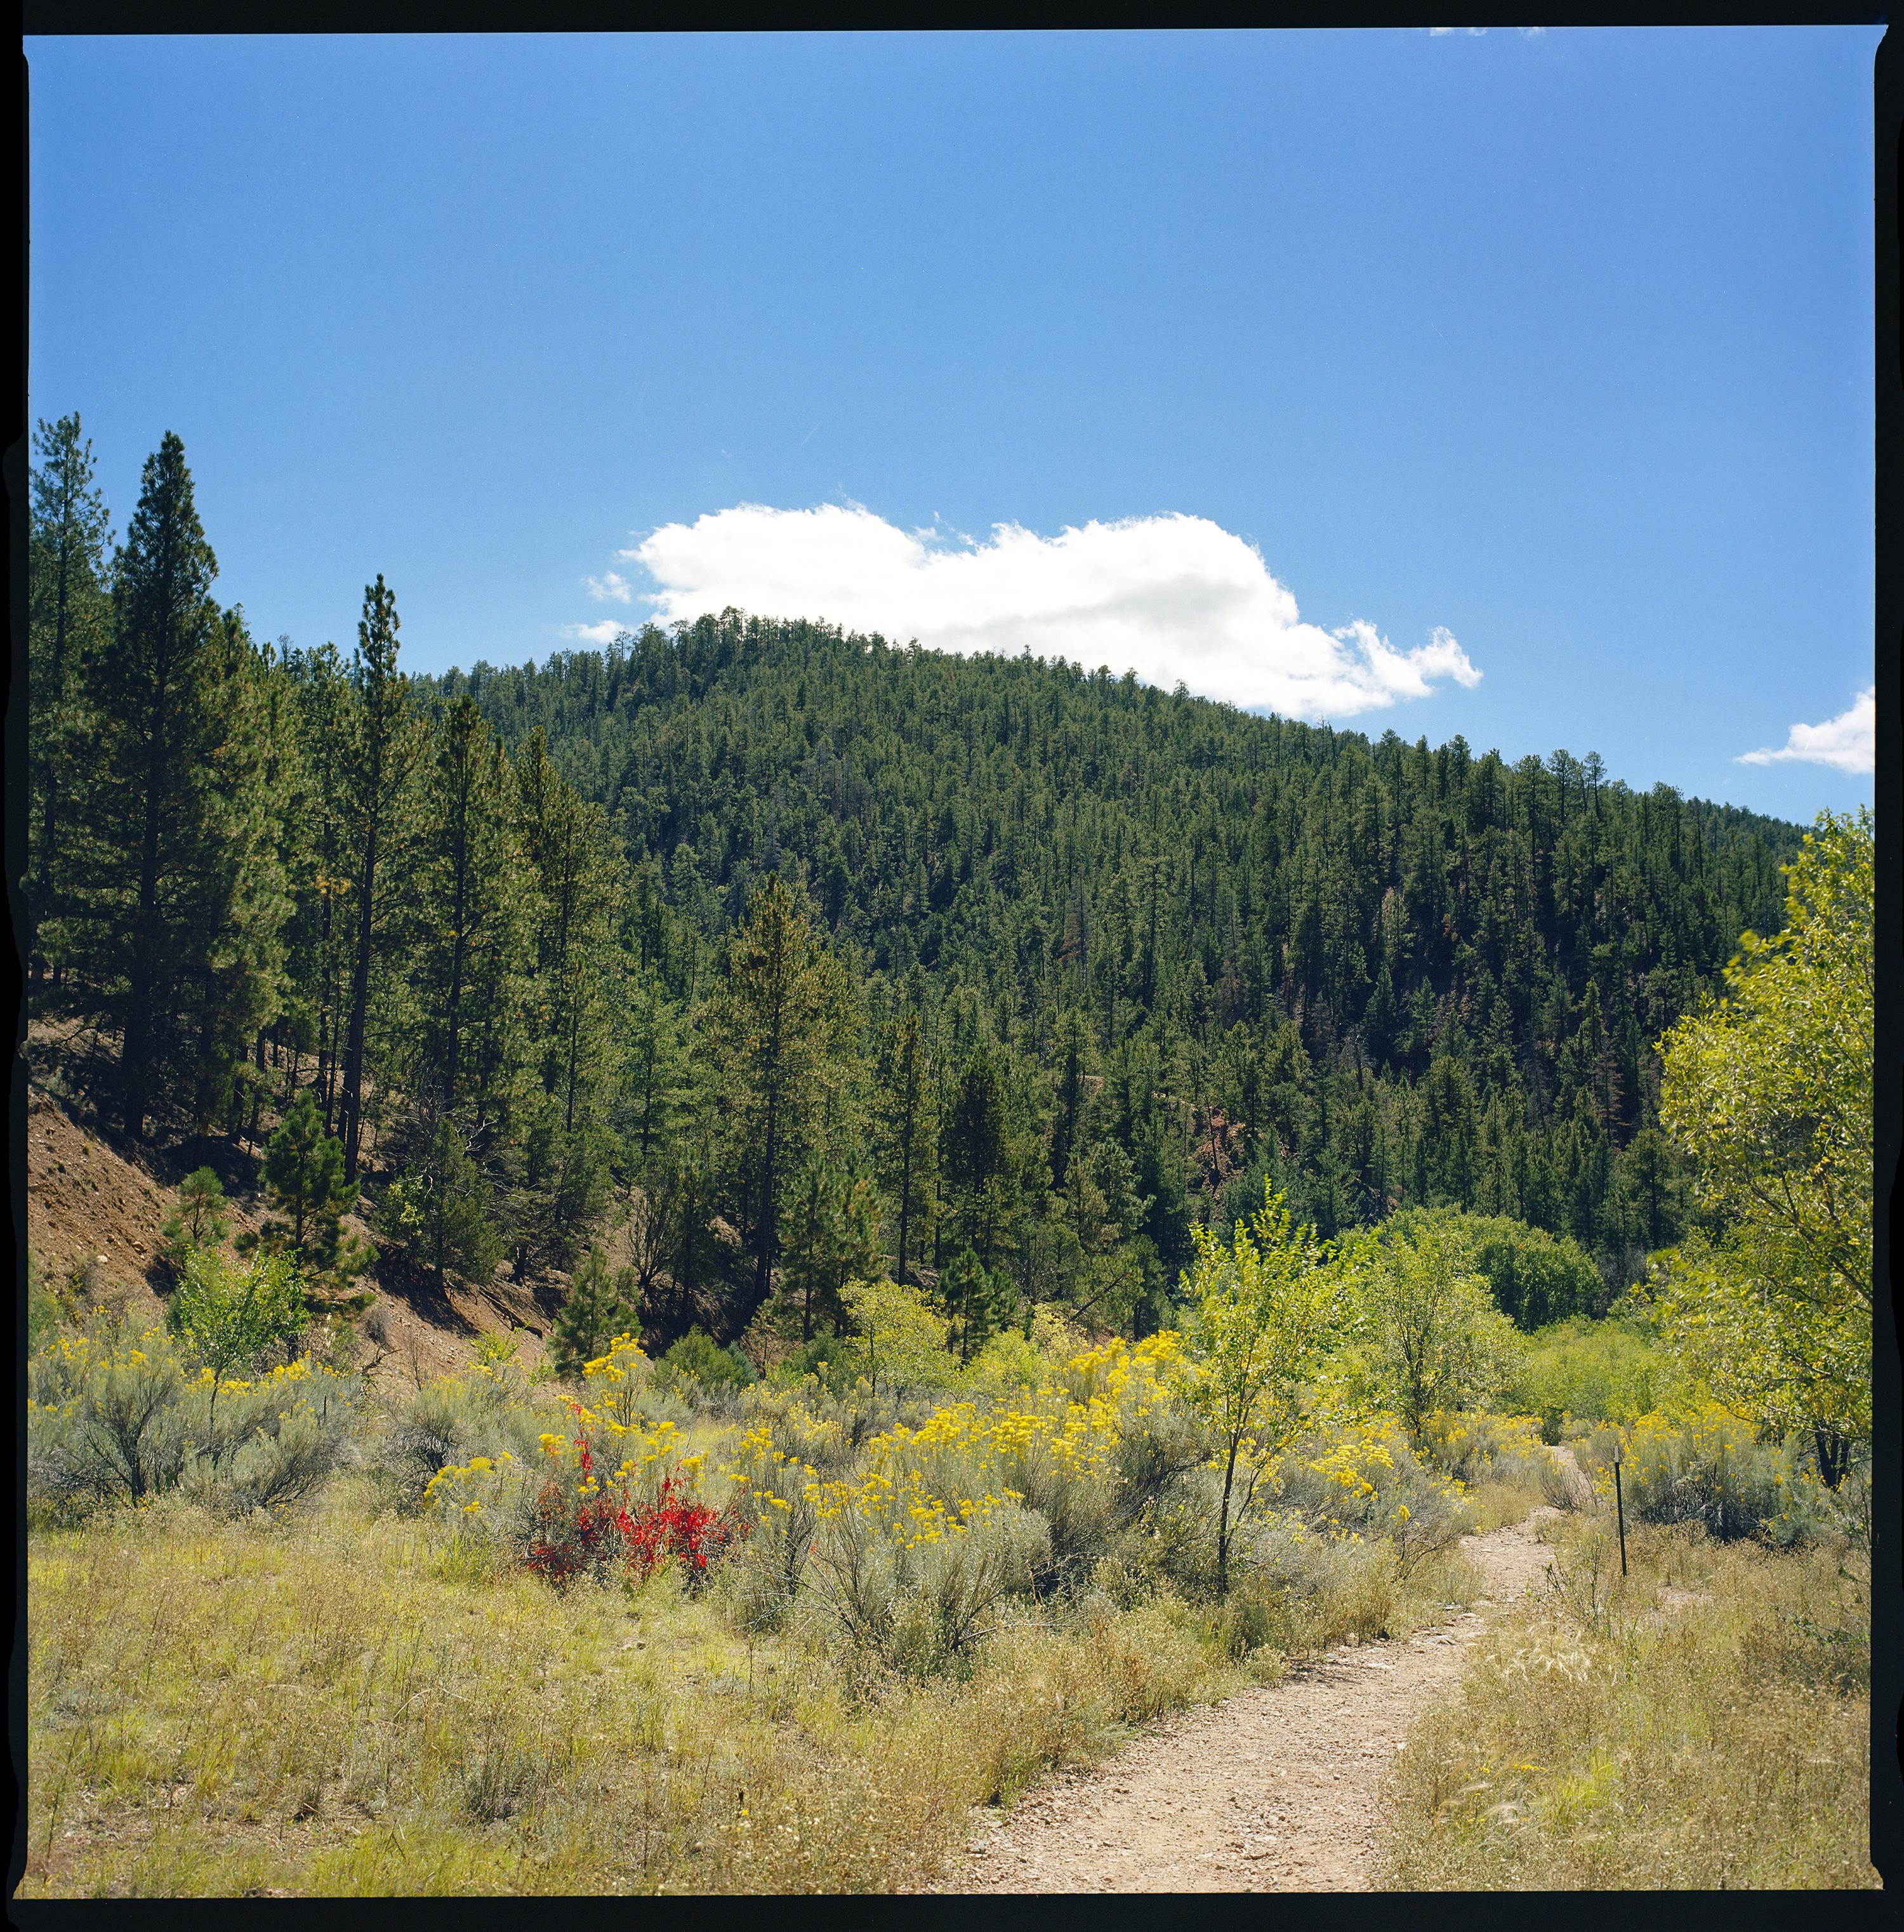 Santa Fe National Park